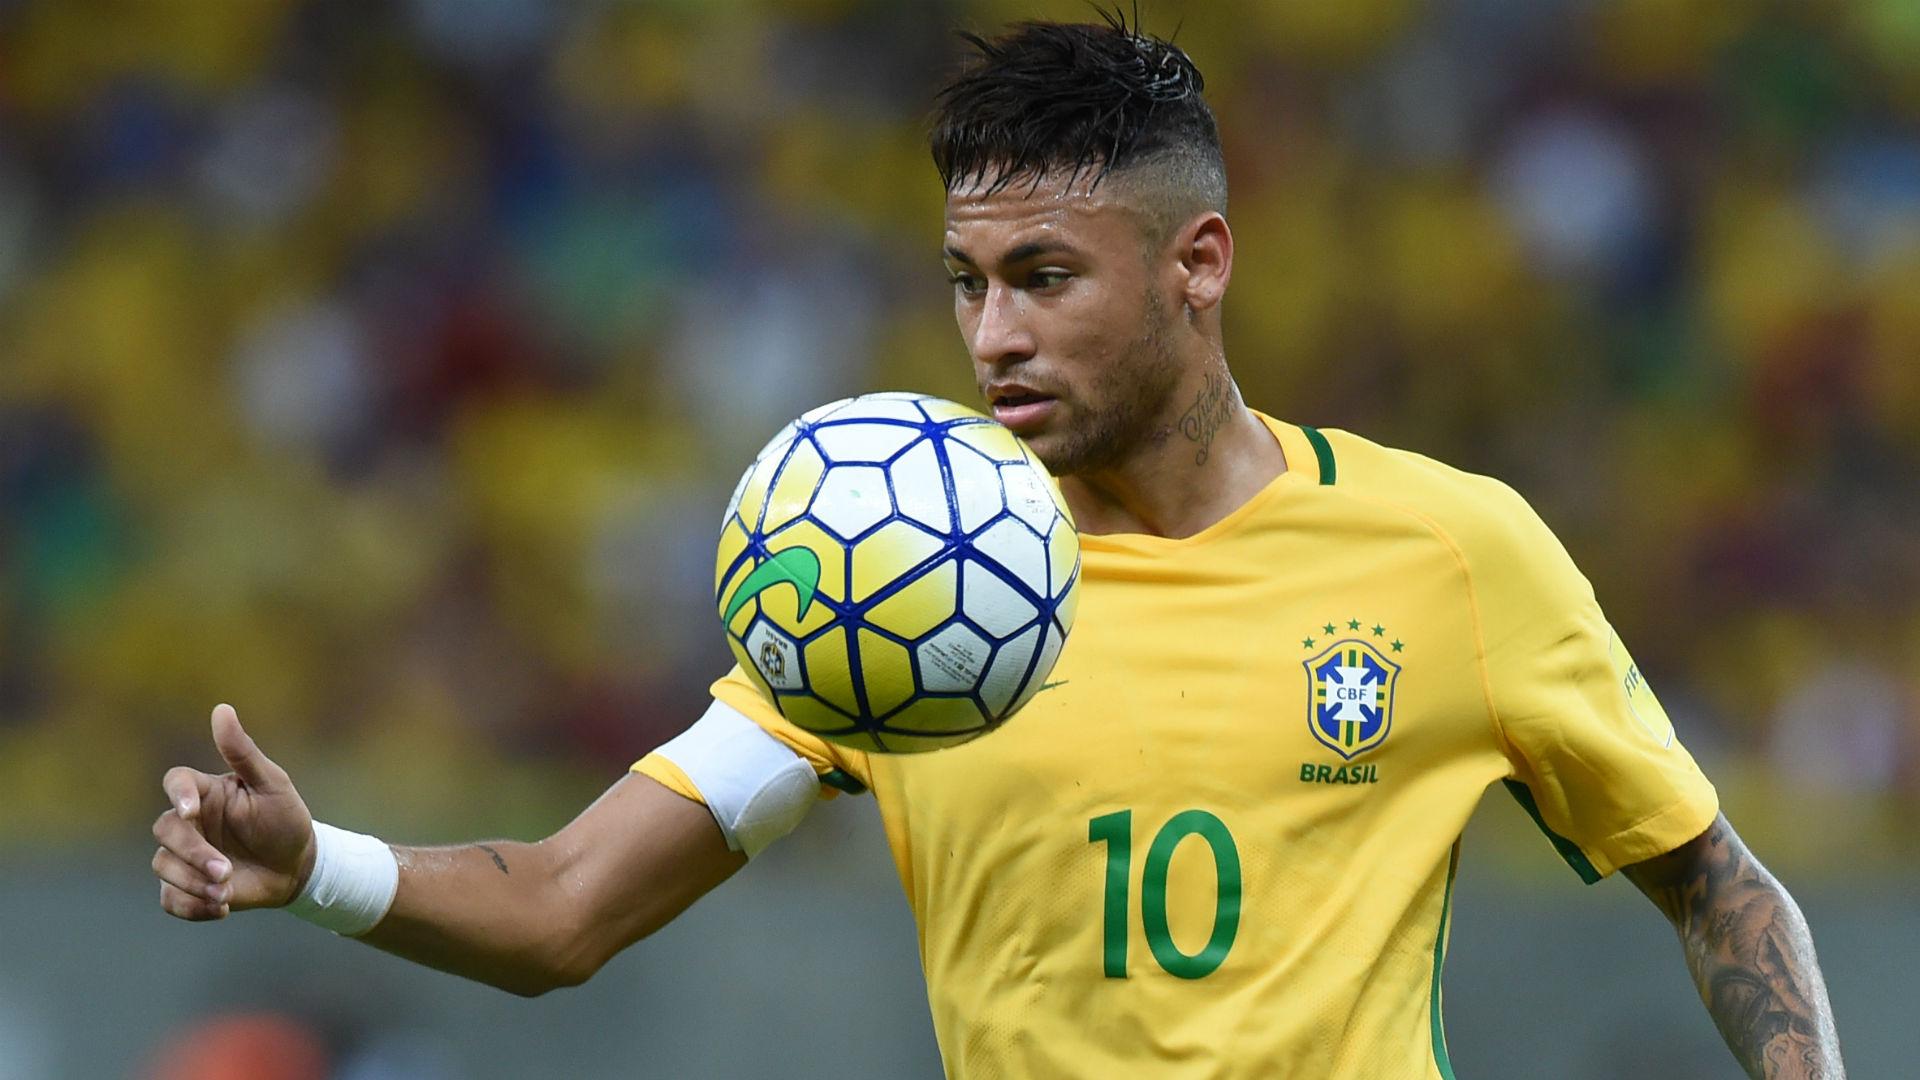 Image result for Neymar named Brazil's best player in Europe